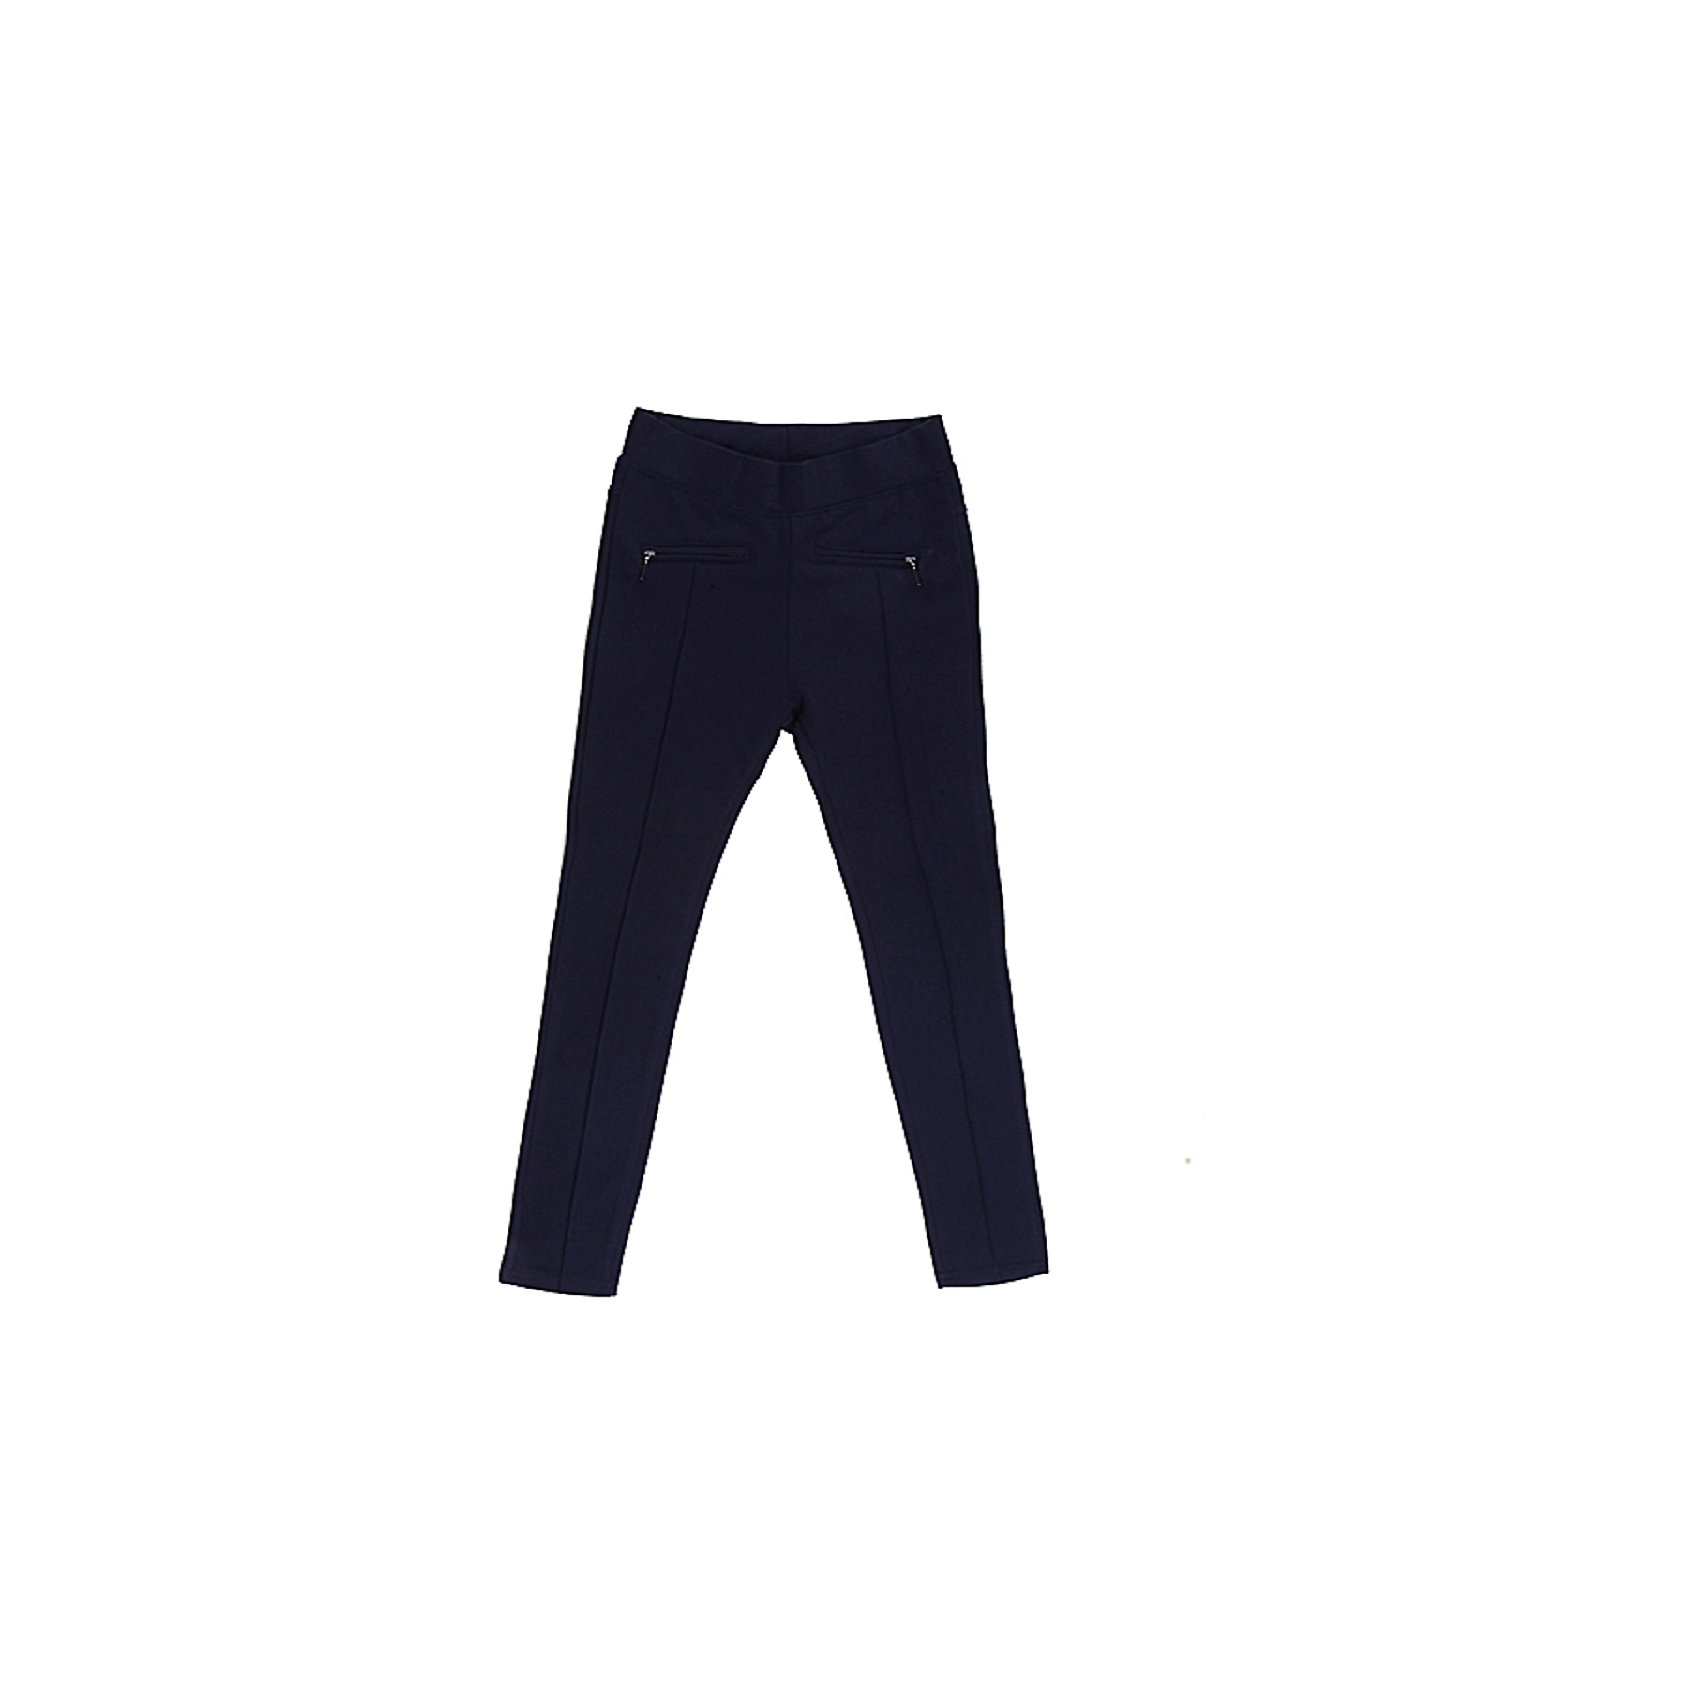 Брюки для девочки LuminosoБрюки для девочки от известного бренда Luminoso<br>Стильные брюки прямого покроя с декоративными рельефными  стрелками и молниям. Модель выполнена из эластичного трикотажа высокого качества, в пояс вст<br>Состав:<br>65% хлопок, 30% полиэстер,  5% эластан<br><br>Ширина мм: 215<br>Глубина мм: 88<br>Высота мм: 191<br>Вес г: 336<br>Цвет: синий<br>Возраст от месяцев: 84<br>Возраст до месяцев: 96<br>Пол: Женский<br>Возраст: Детский<br>Размер: 128,134,140,146,152,158,164<br>SKU: 4728973